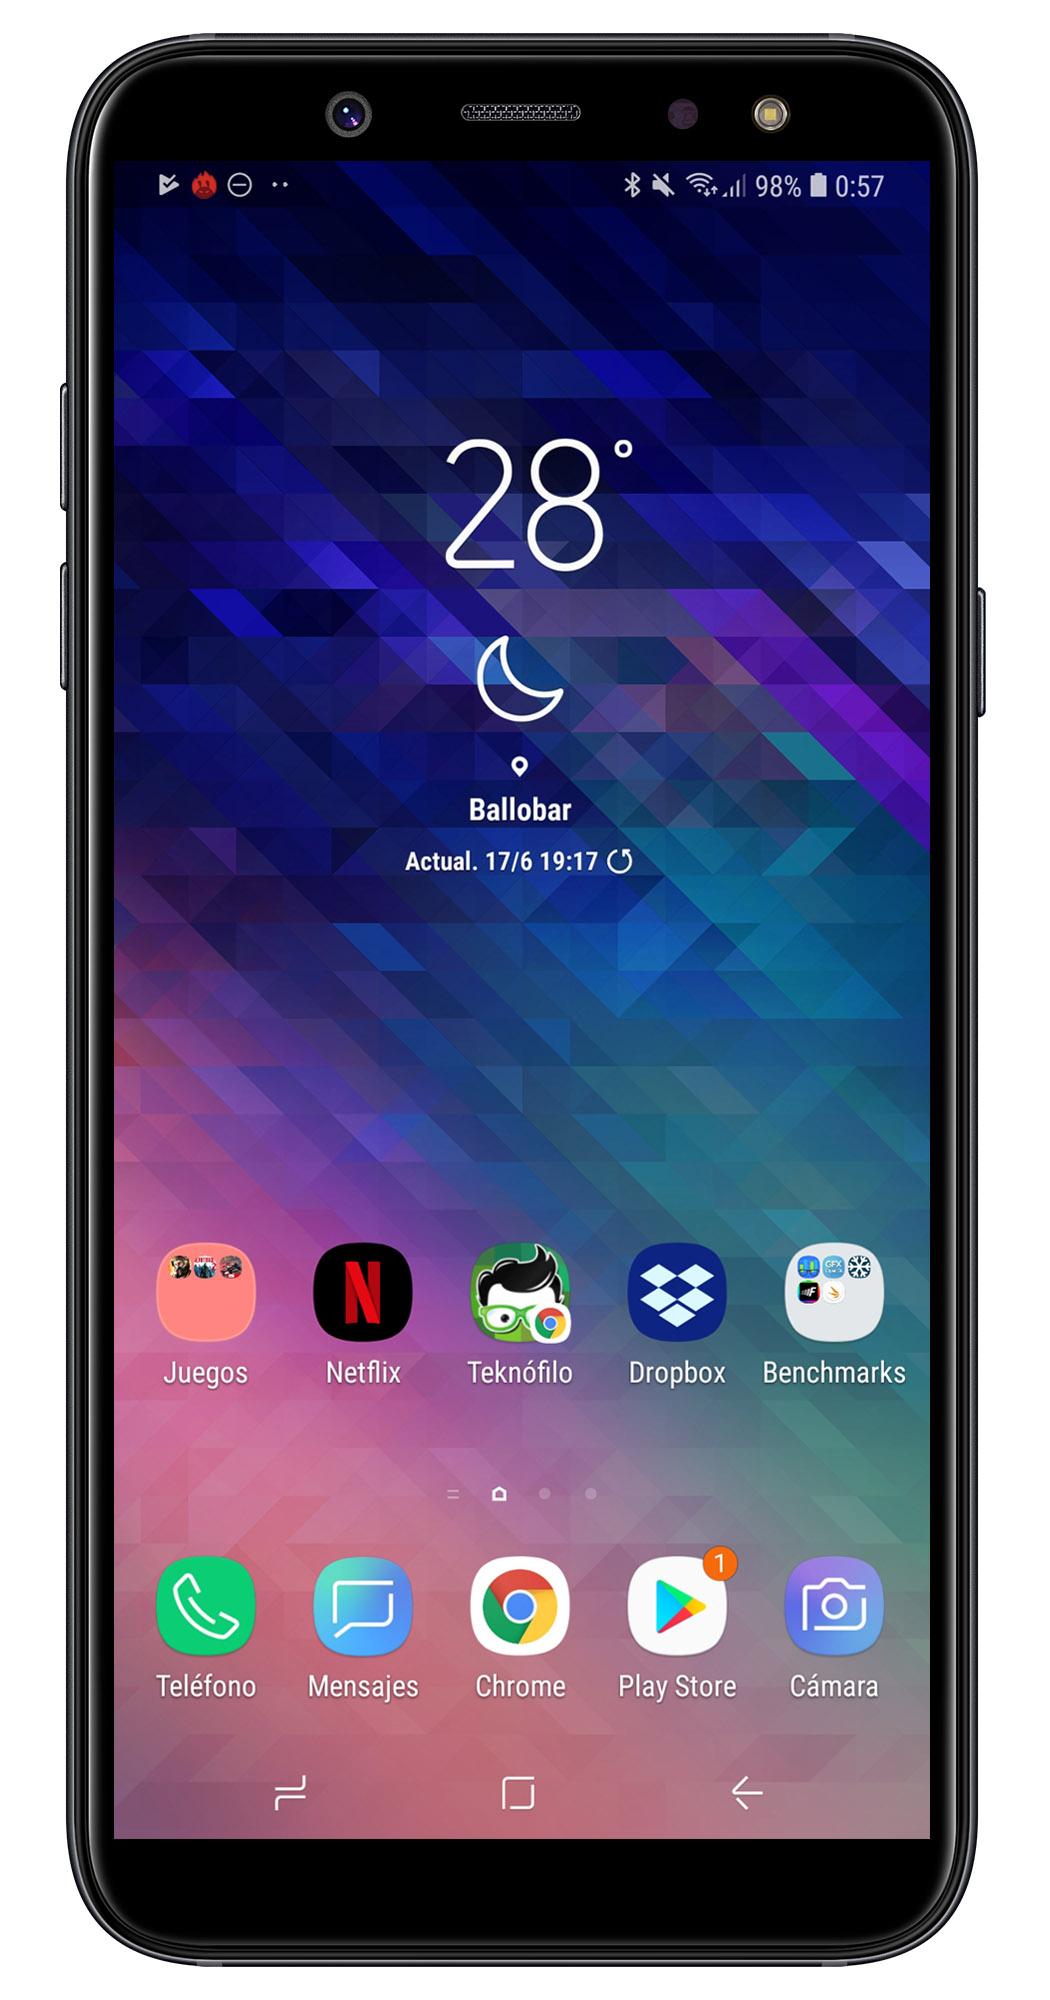 c36ef54aa01 La capa Samsung Experience ofrece un aspecto bastante atractivo, con un  diseño moderno y elegante.